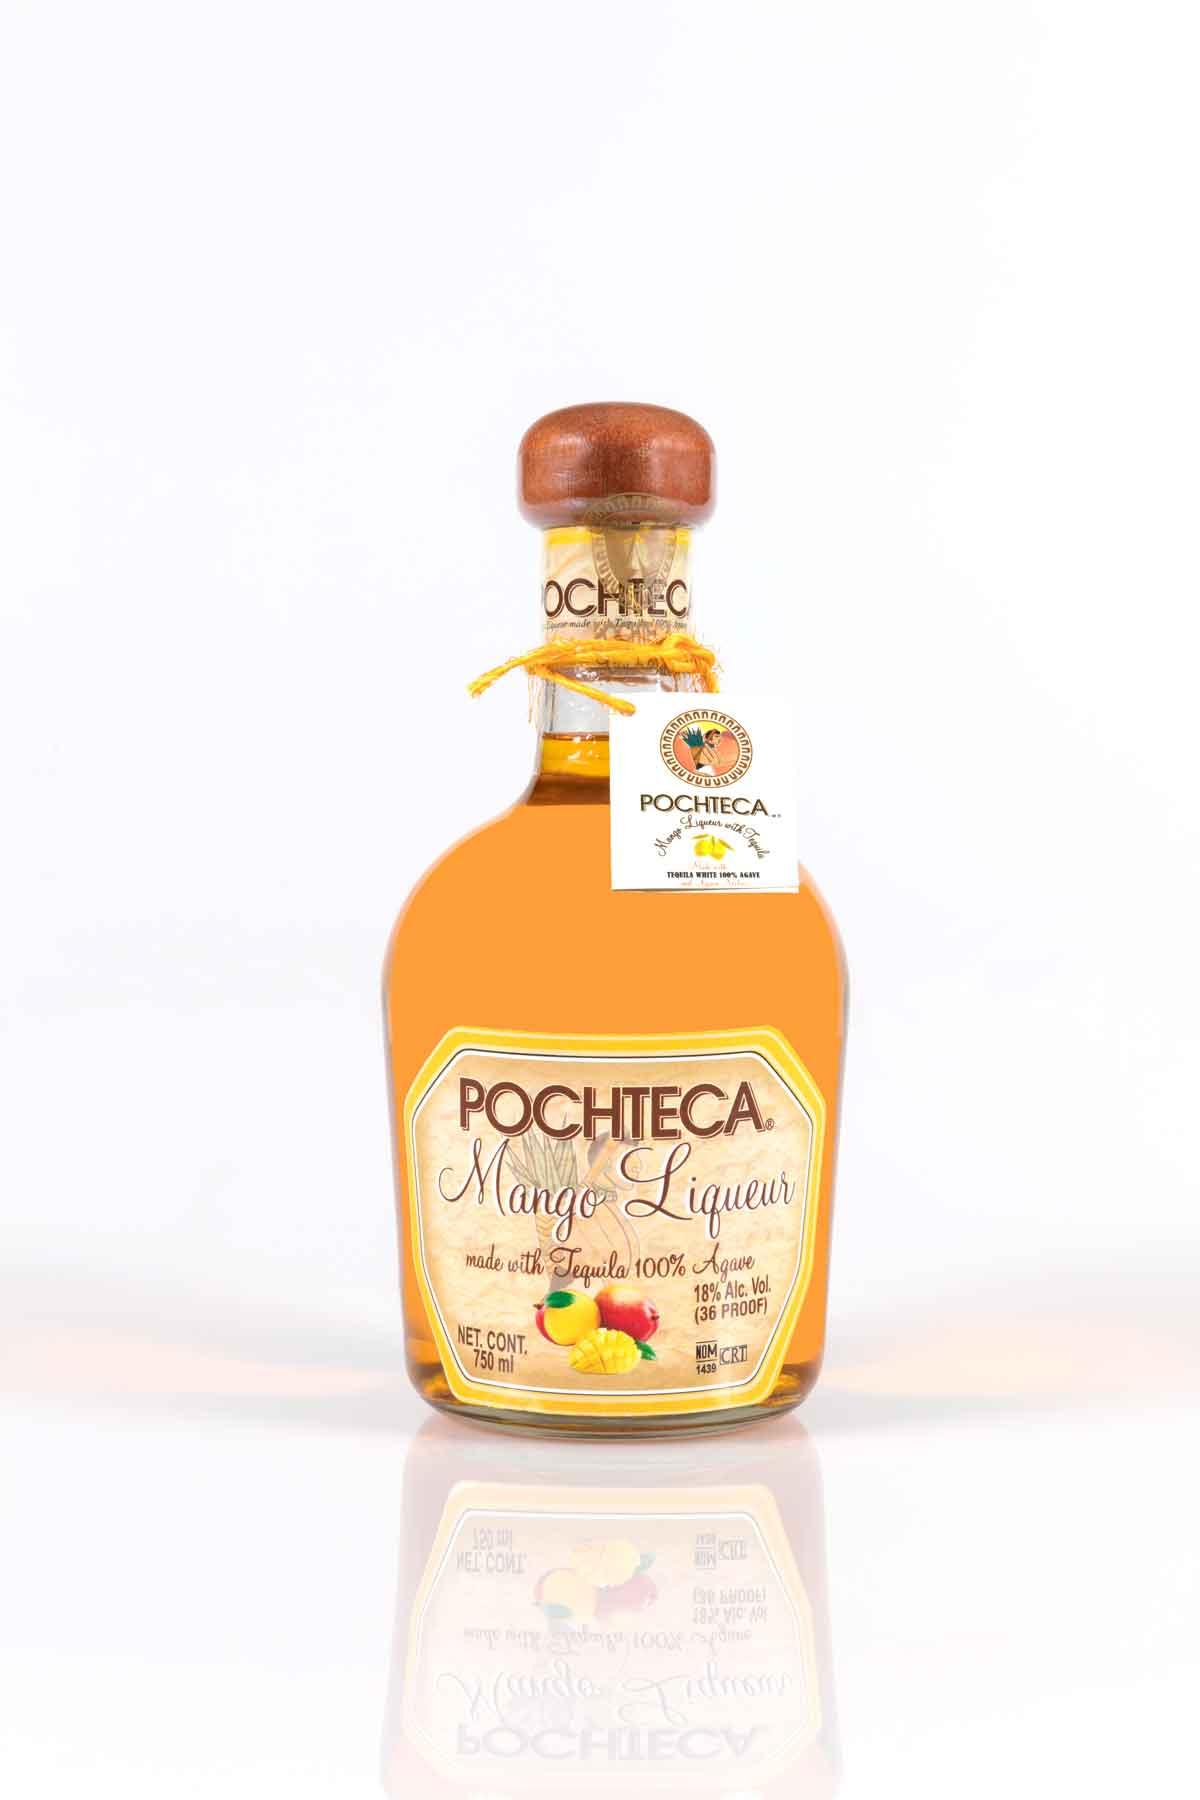 Pochteca Mango Liqueur